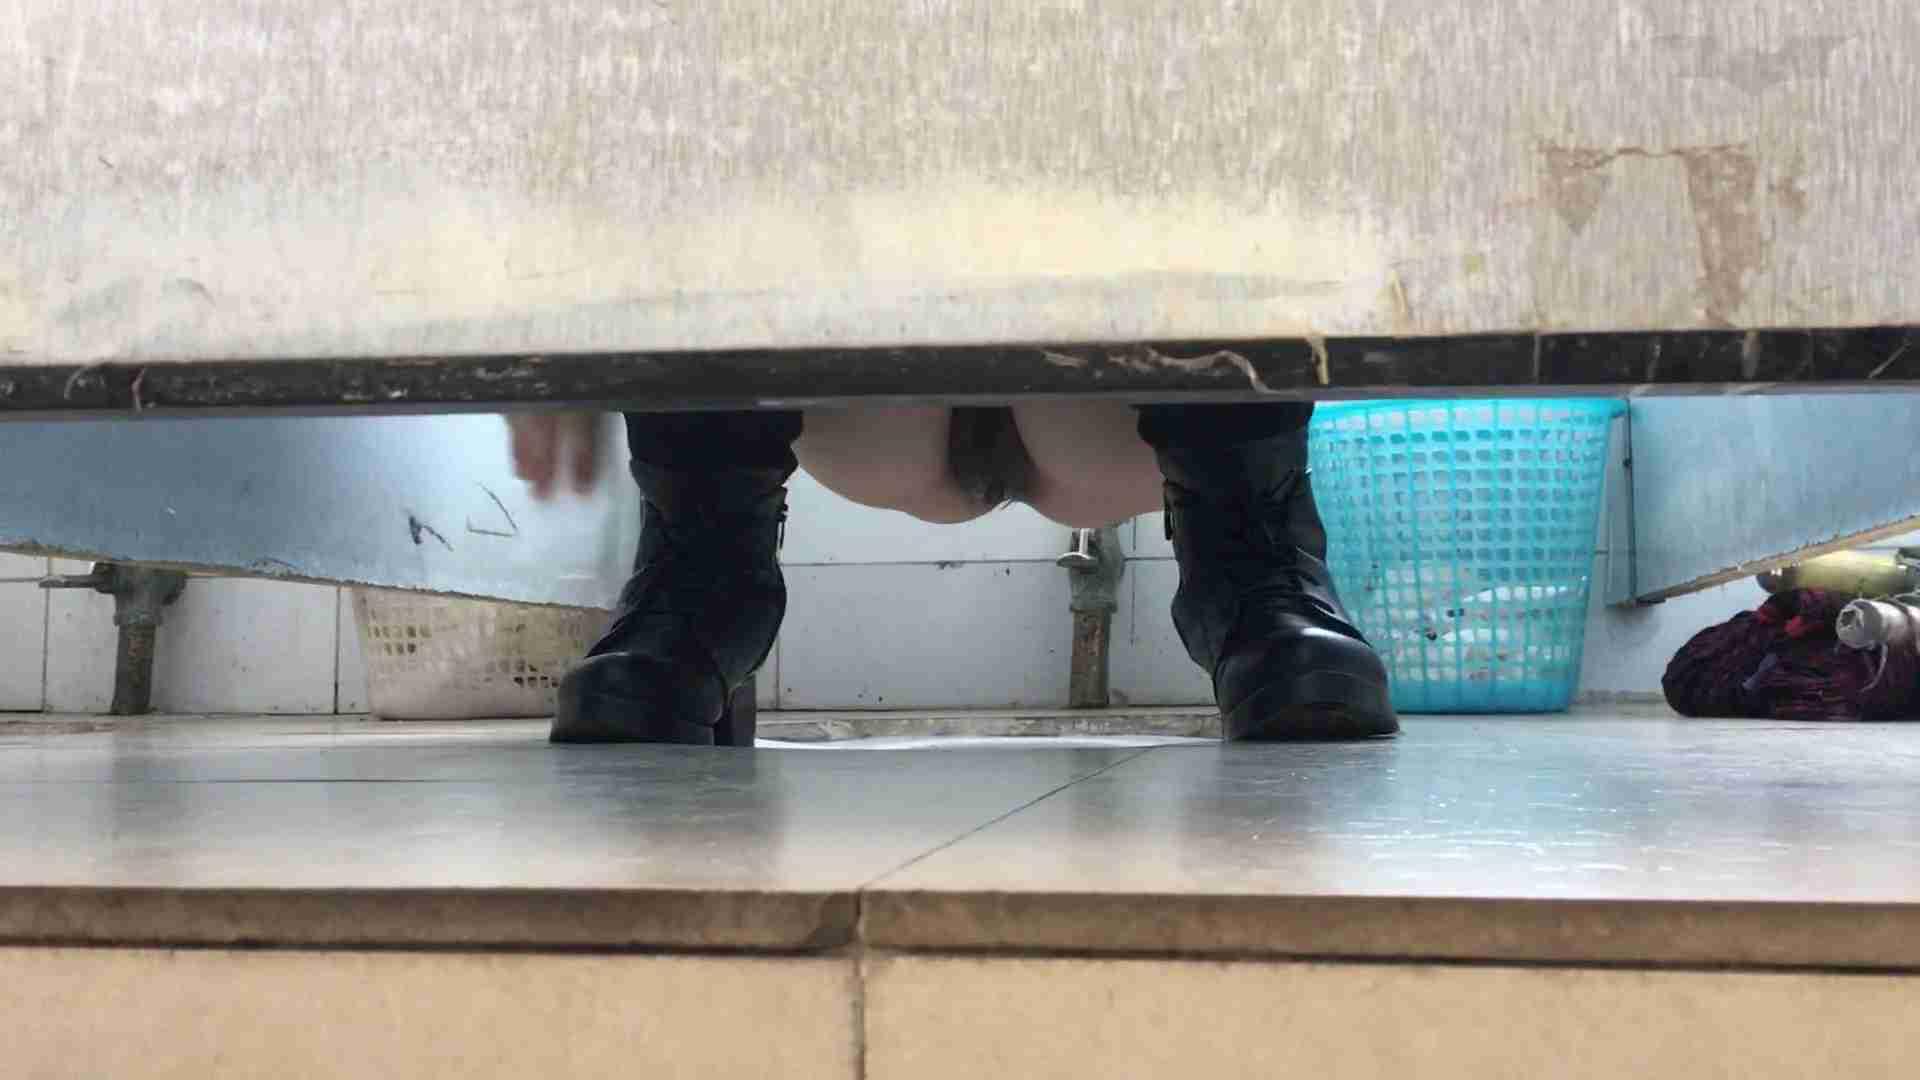 芸術大学ガチ潜入盗撮 JD盗撮 美女の洗面所の秘密 Vol.90 洗面所着替え | 盗撮エロすぎ  44連発 17